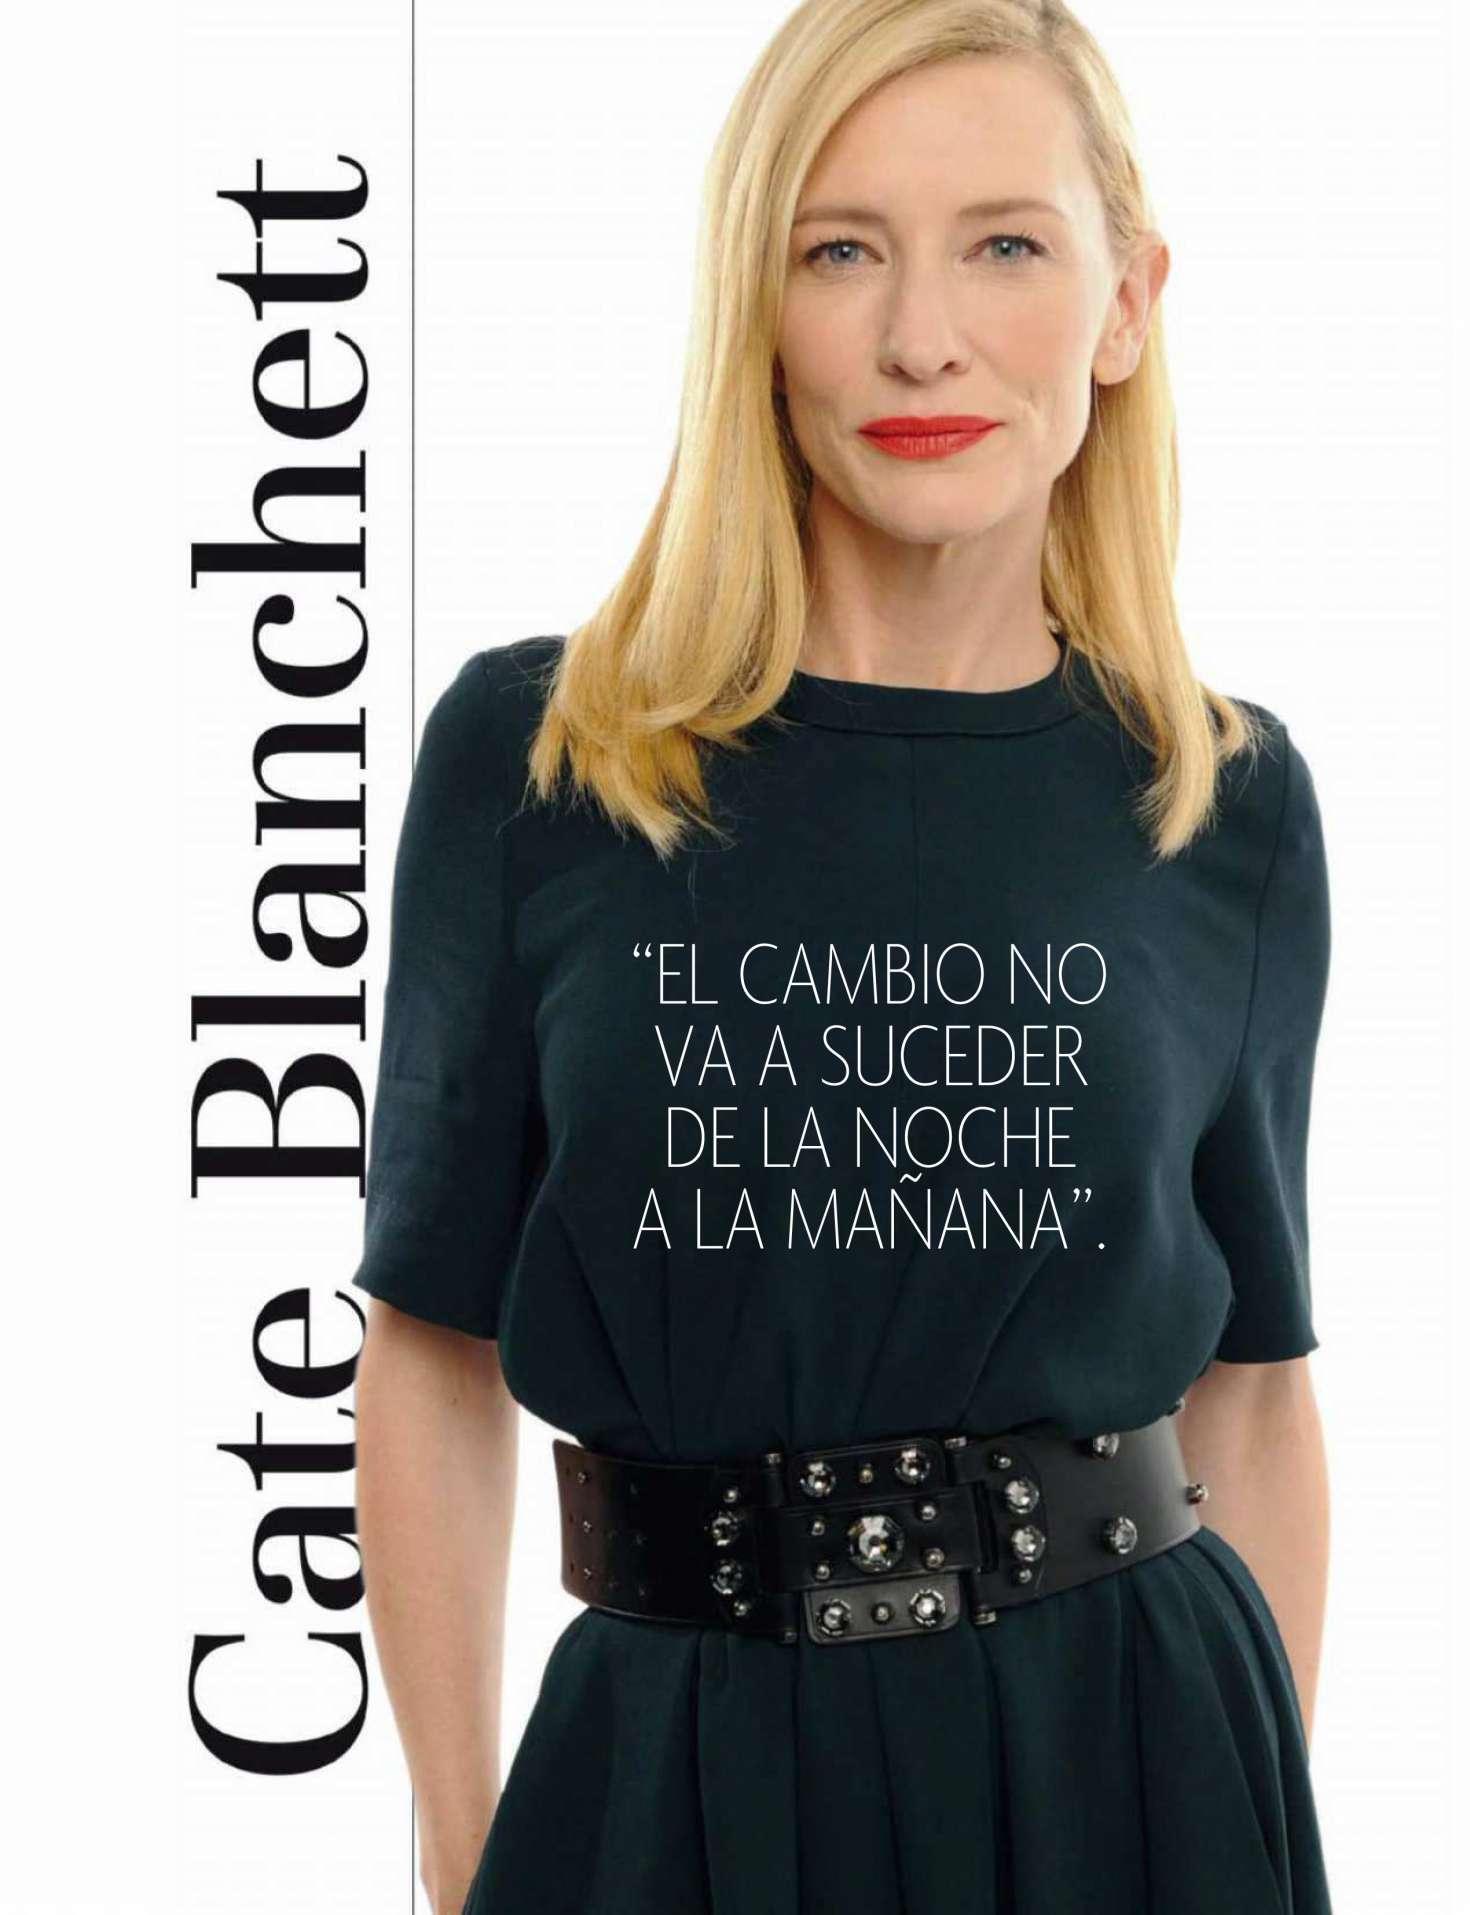 Cate Blanchett 2018 : Cate Blanchett: Fotogramas 2018 -02